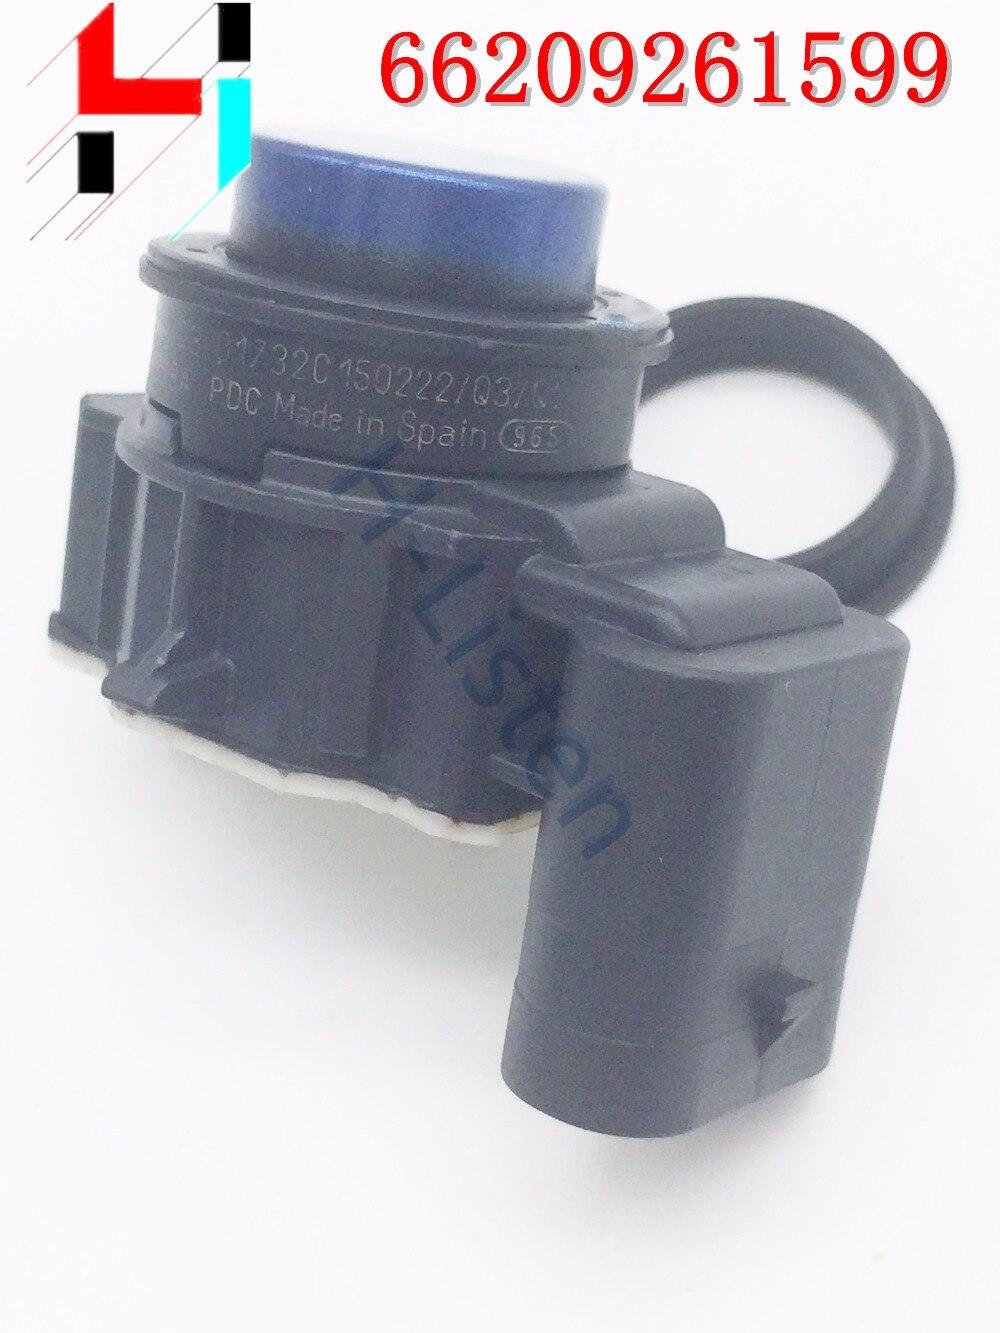 4pcs 66209261599 Original 9261599 PDC Parking Distance Sensor Reverse Assist for B M W Genuine